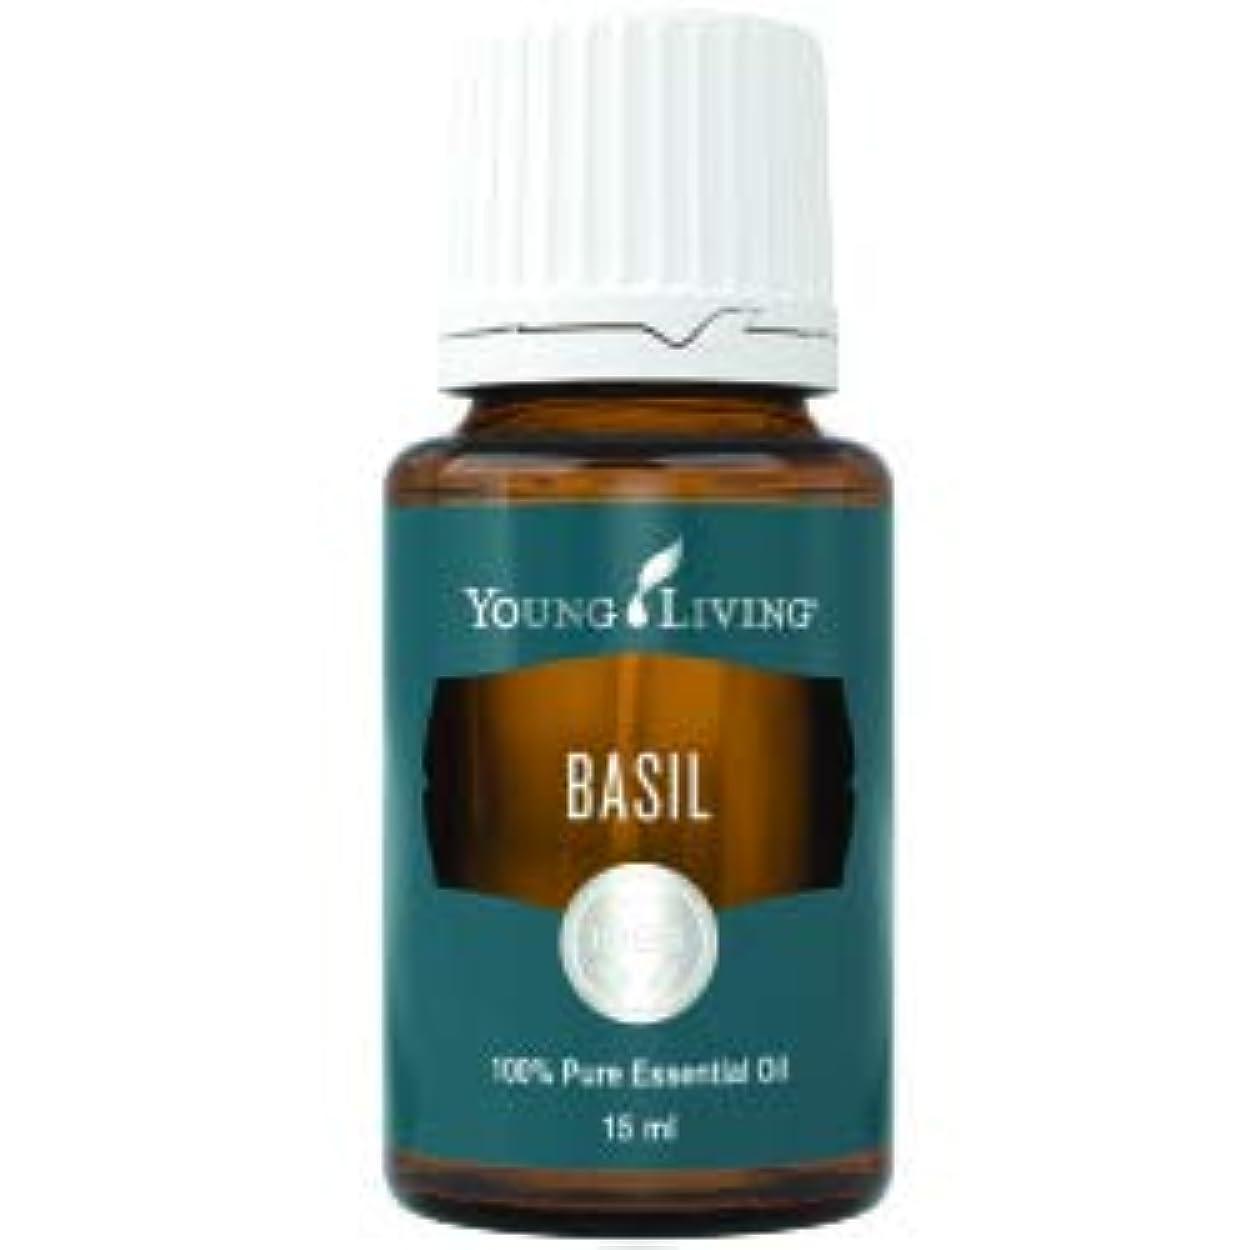 防衛仮定組み込むバジルエッセンシャルオイル15 ml ヤングリビングマレーシア Basil Essential Oil 15 ml by Young Living Malaysia